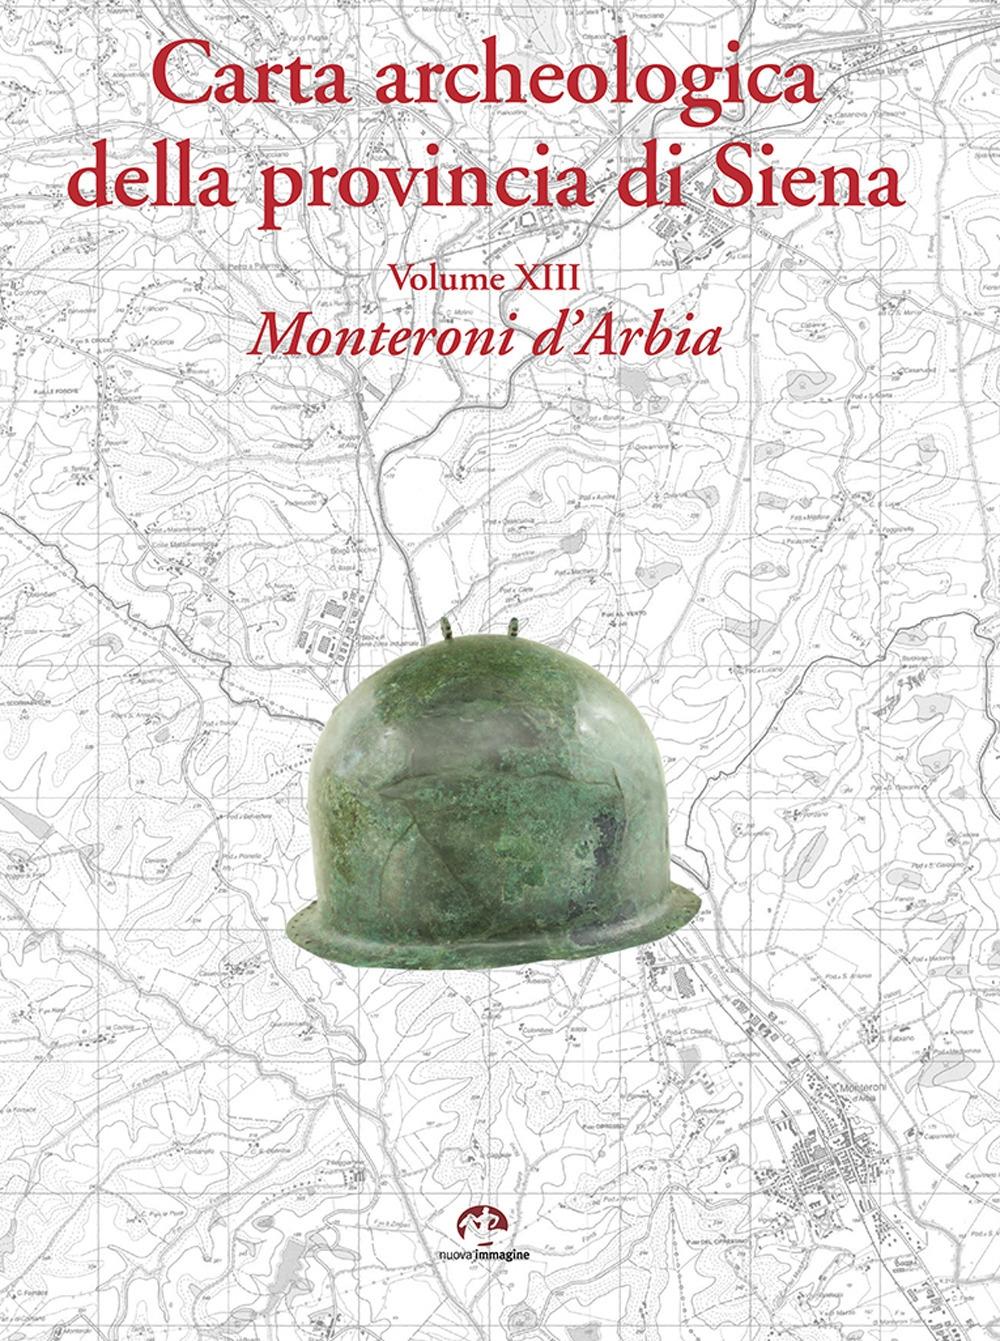 Carta archeologica della provincia di Siena. Vol. 13. Monteroni d'Arbia